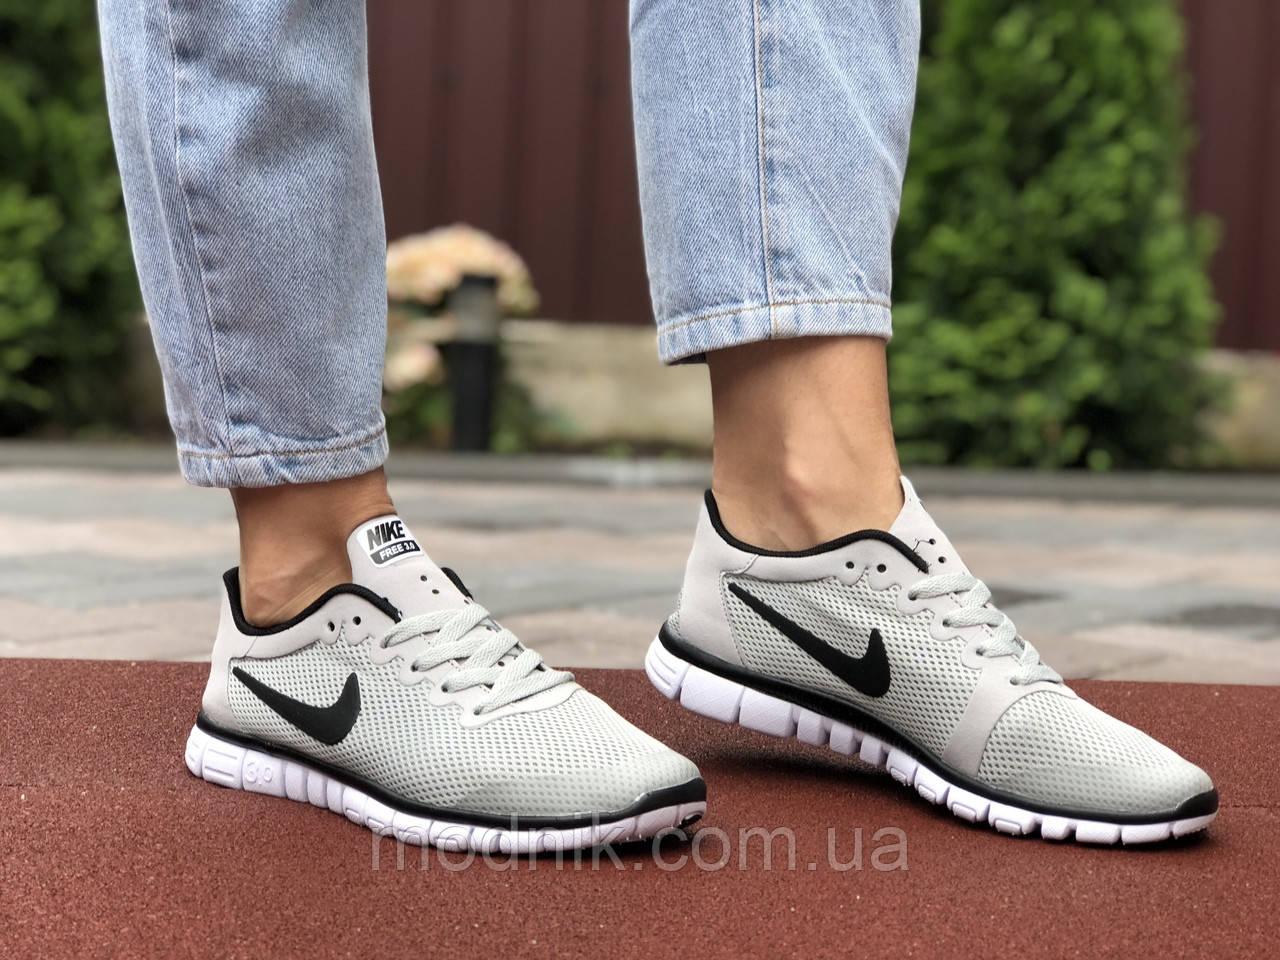 Женские кроссовки Nike Free Run 3.0 (светло-серые) 9538